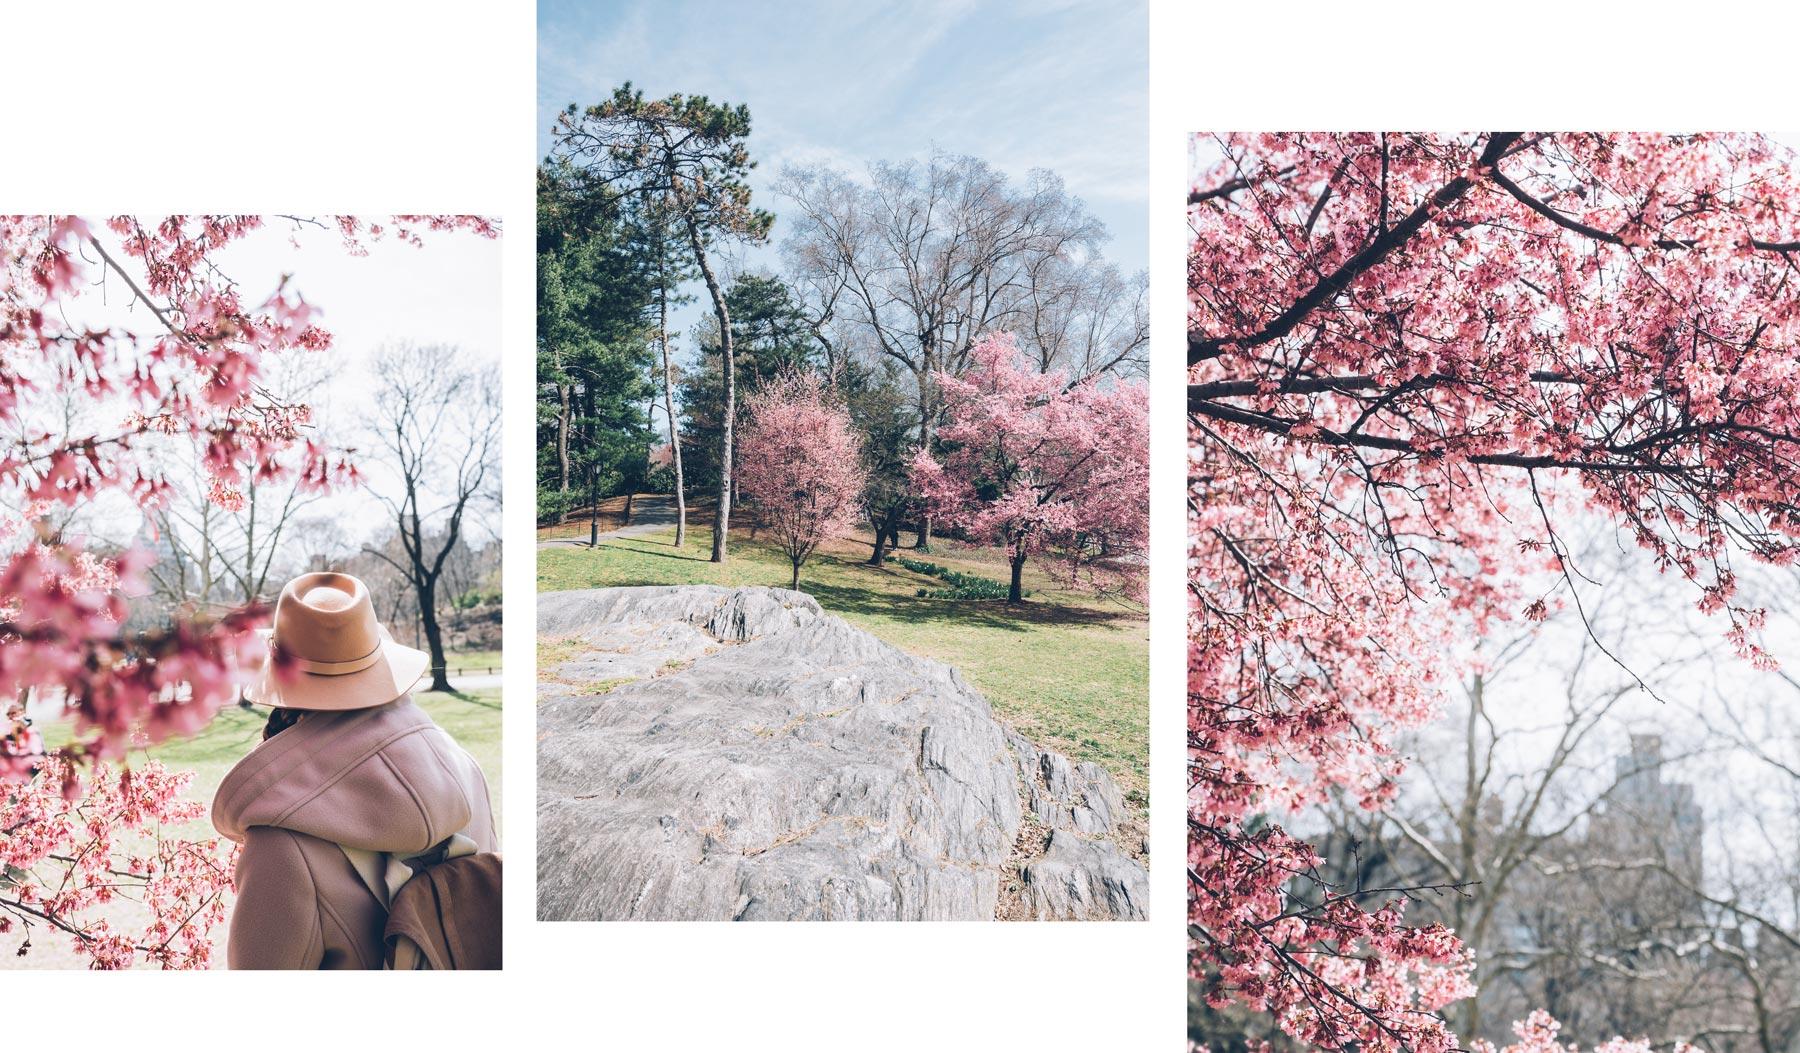 Central Park en Avril, floraison des cerisiers